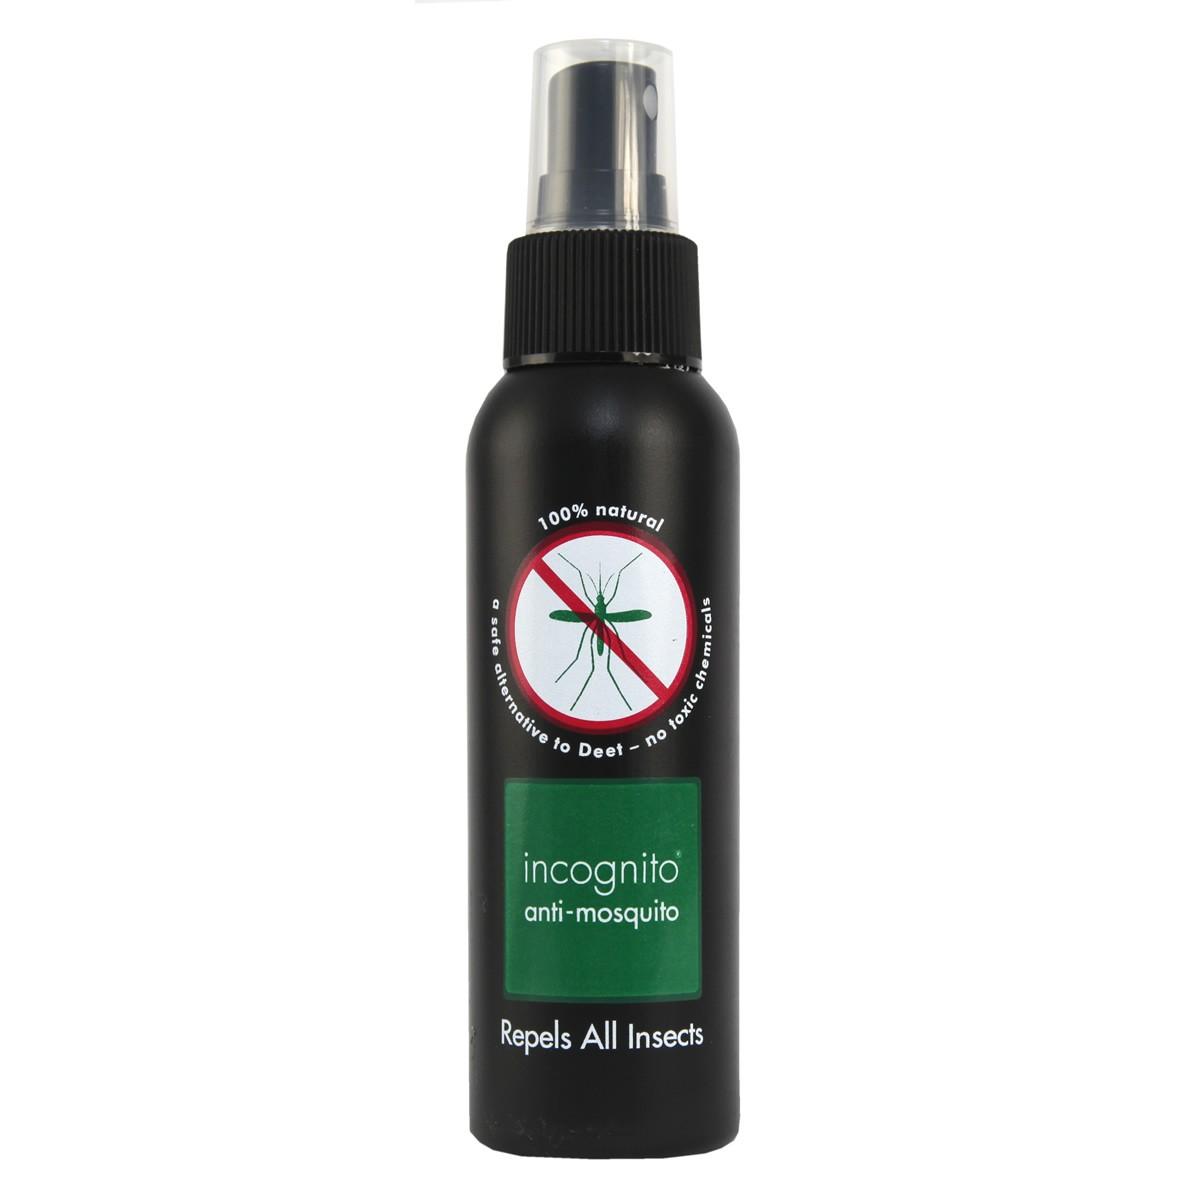 Incognito Anti-Mosquito Spray